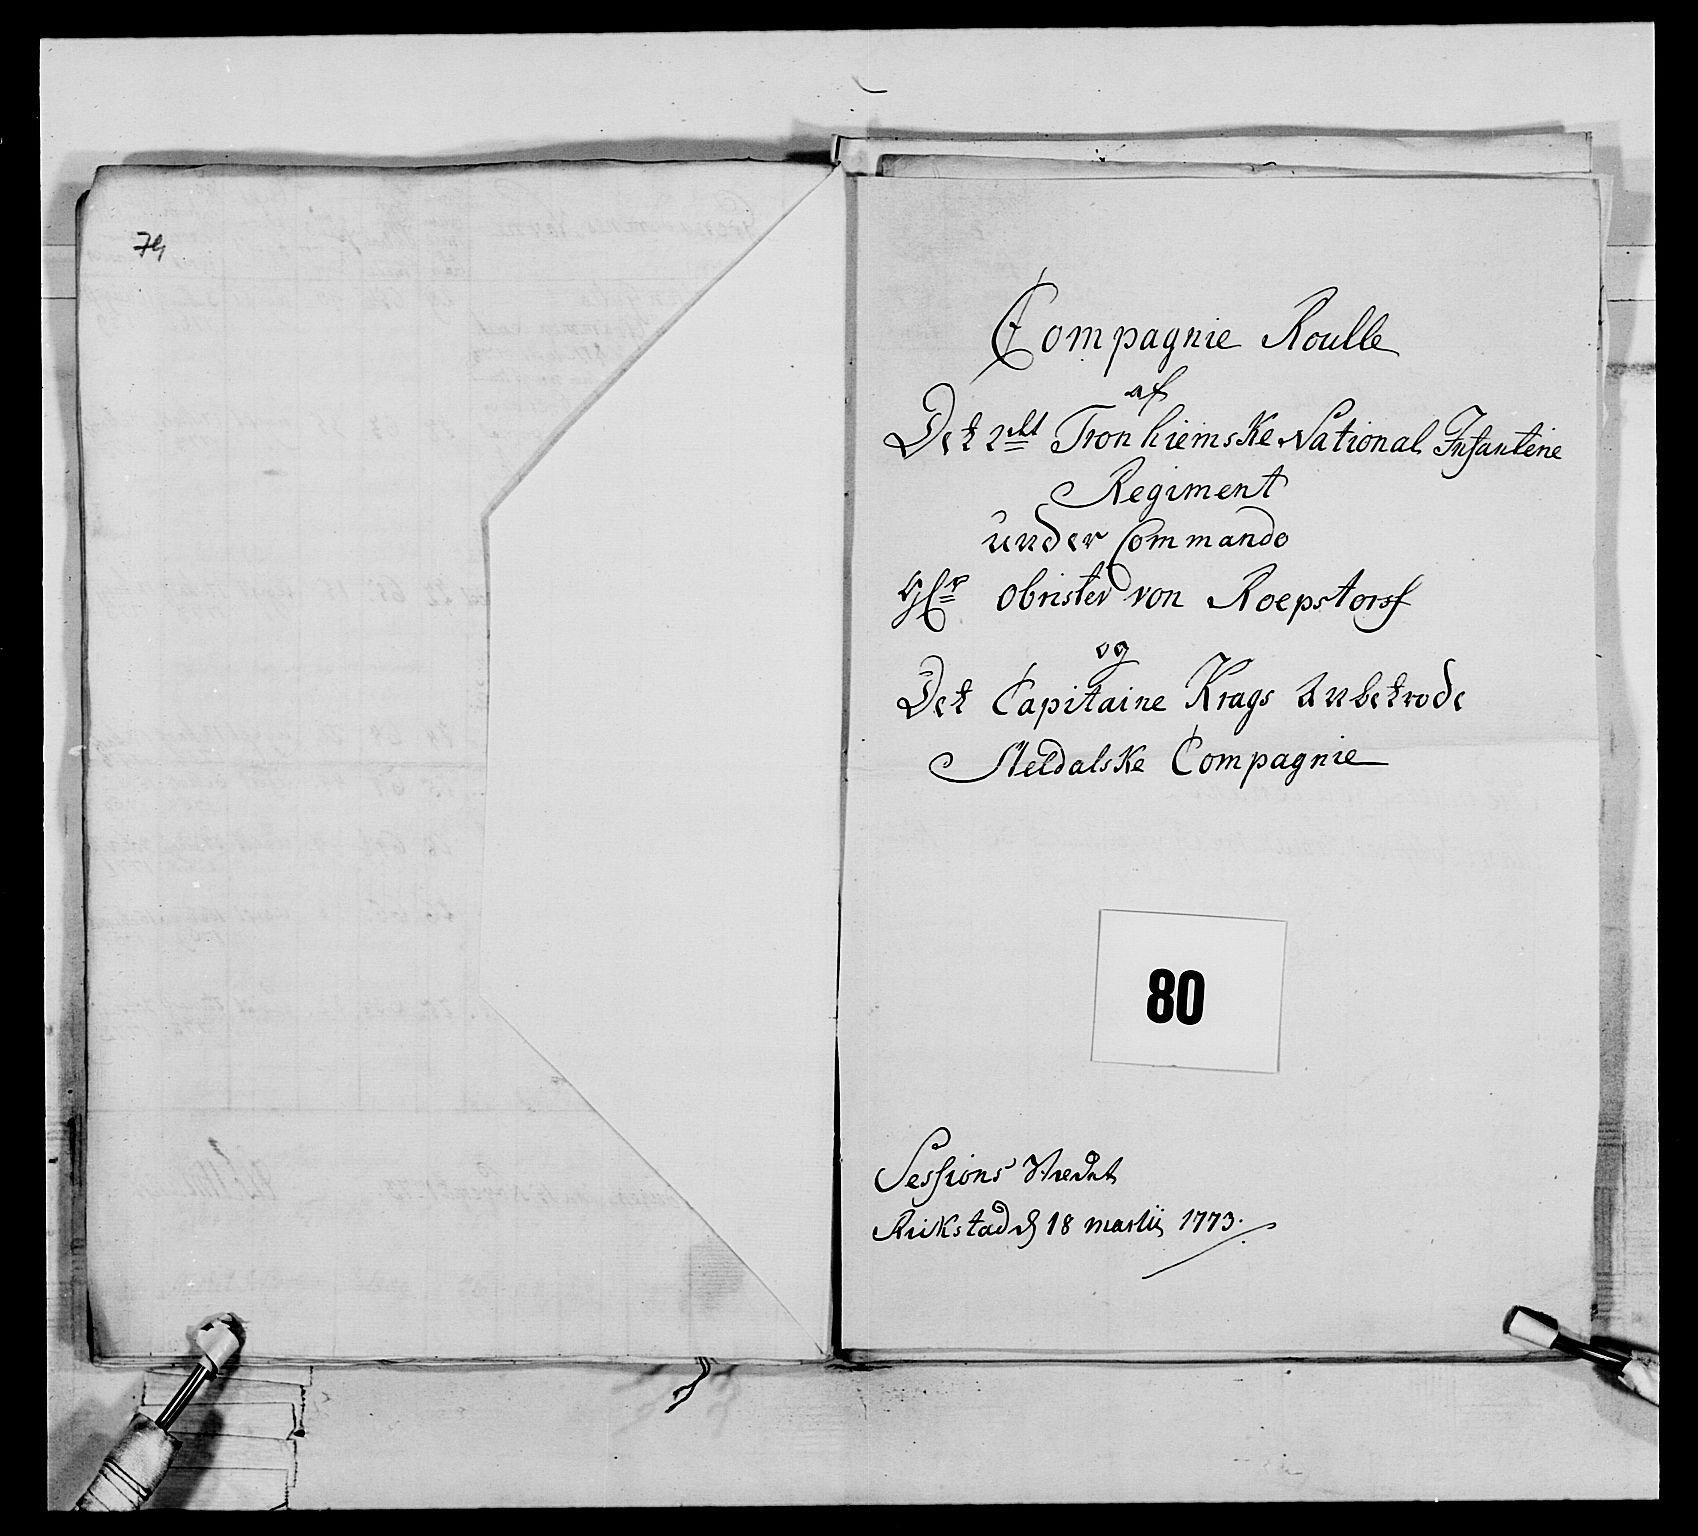 RA, Generalitets- og kommissariatskollegiet, Det kongelige norske kommissariatskollegium, E/Eh/L0076: 2. Trondheimske nasjonale infanteriregiment, 1766-1773, s. 417